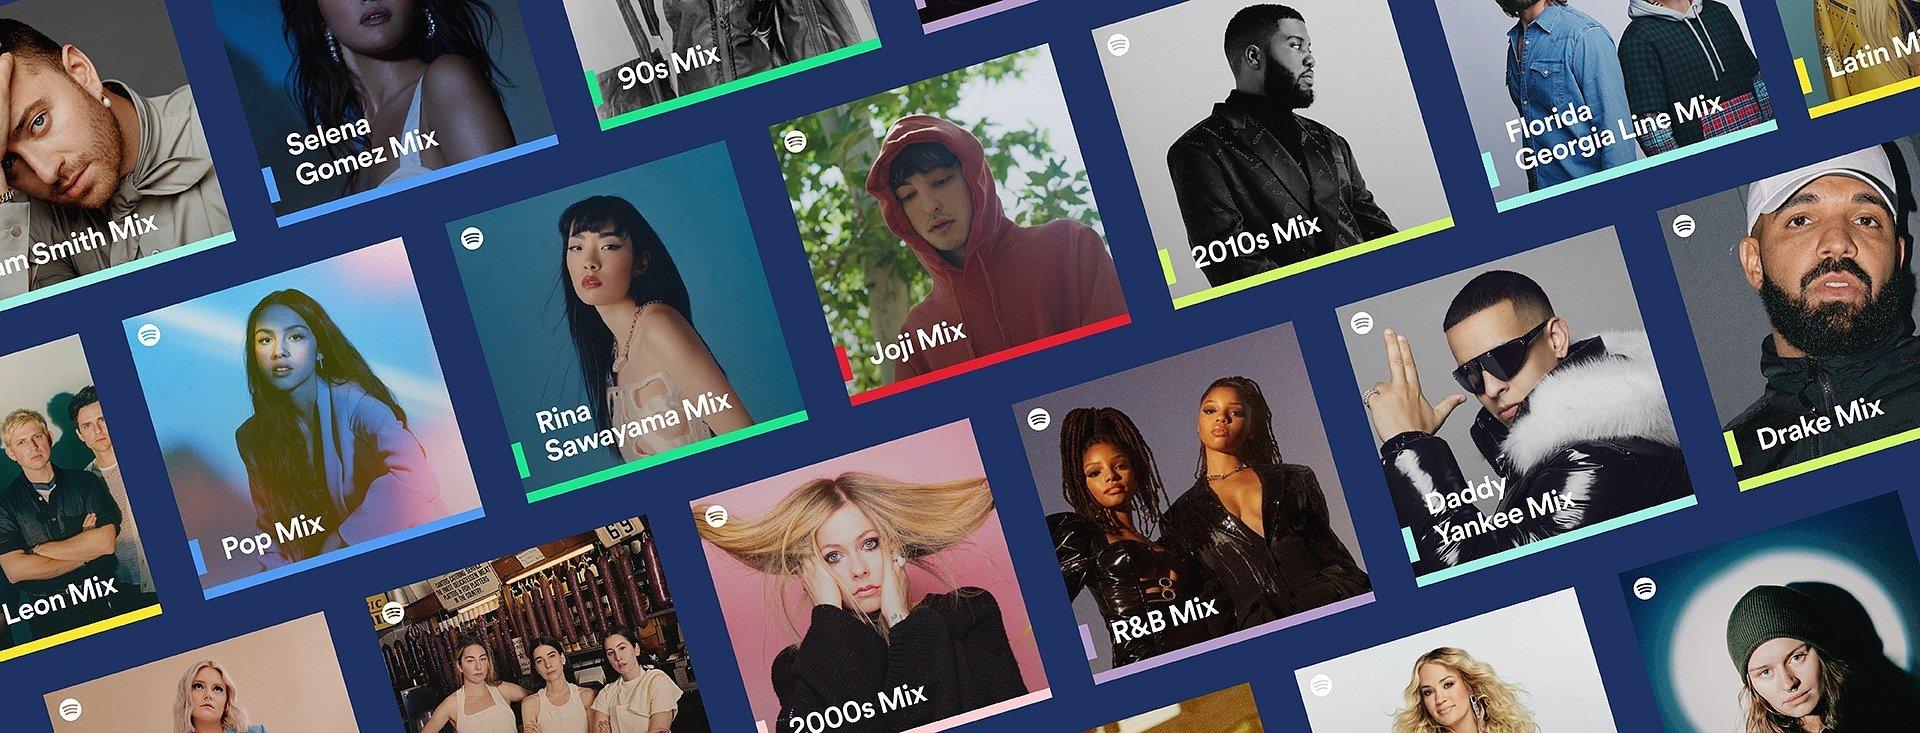 Spotify startet neue, personalisierte Playlists zu Künstler*innen, Genres und Jahrzehnten